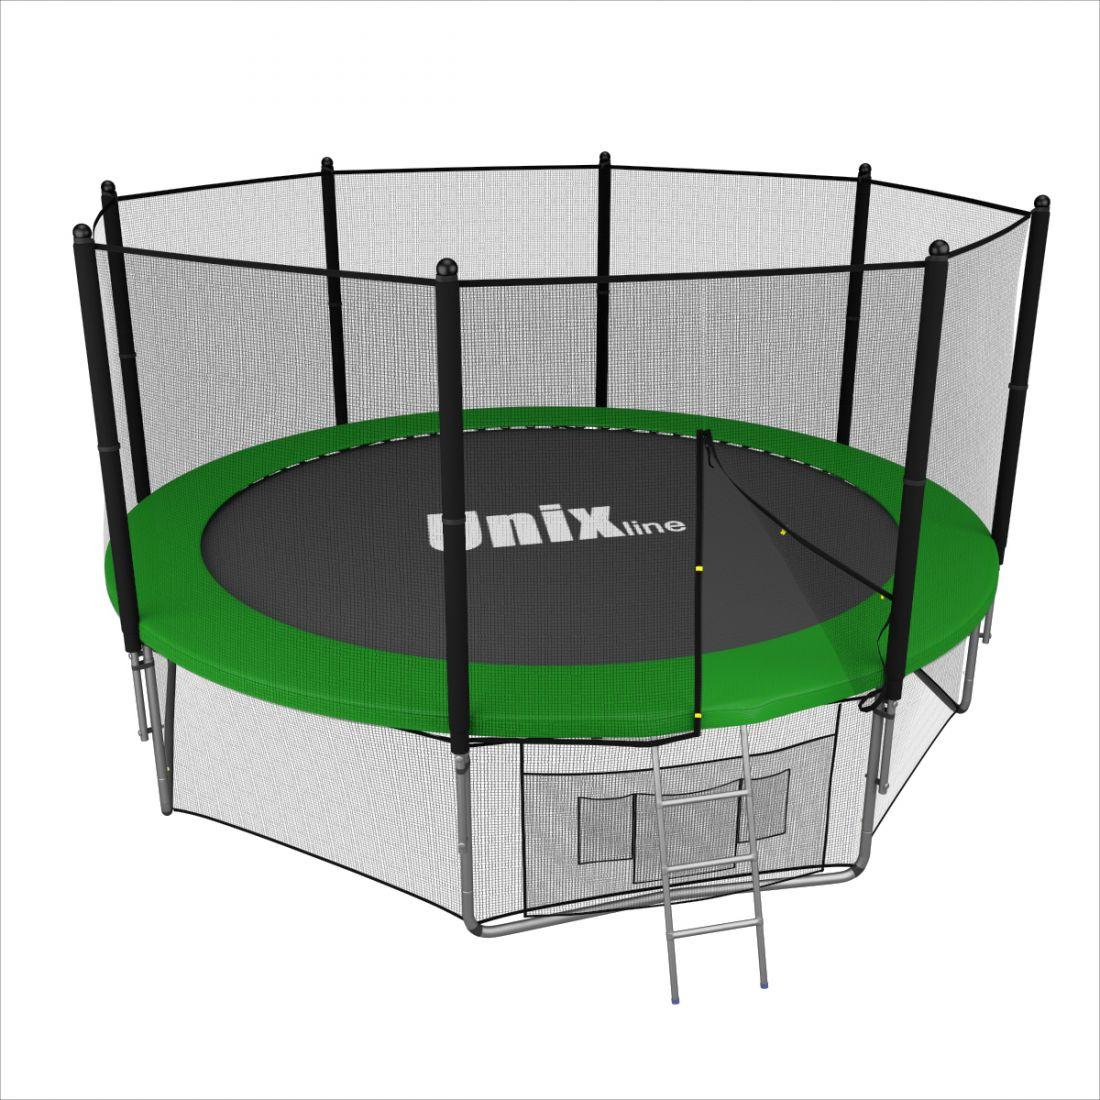 Батут с внешней защитной сеткой - Unix Line 12FT (3,66м), цвет зеленый